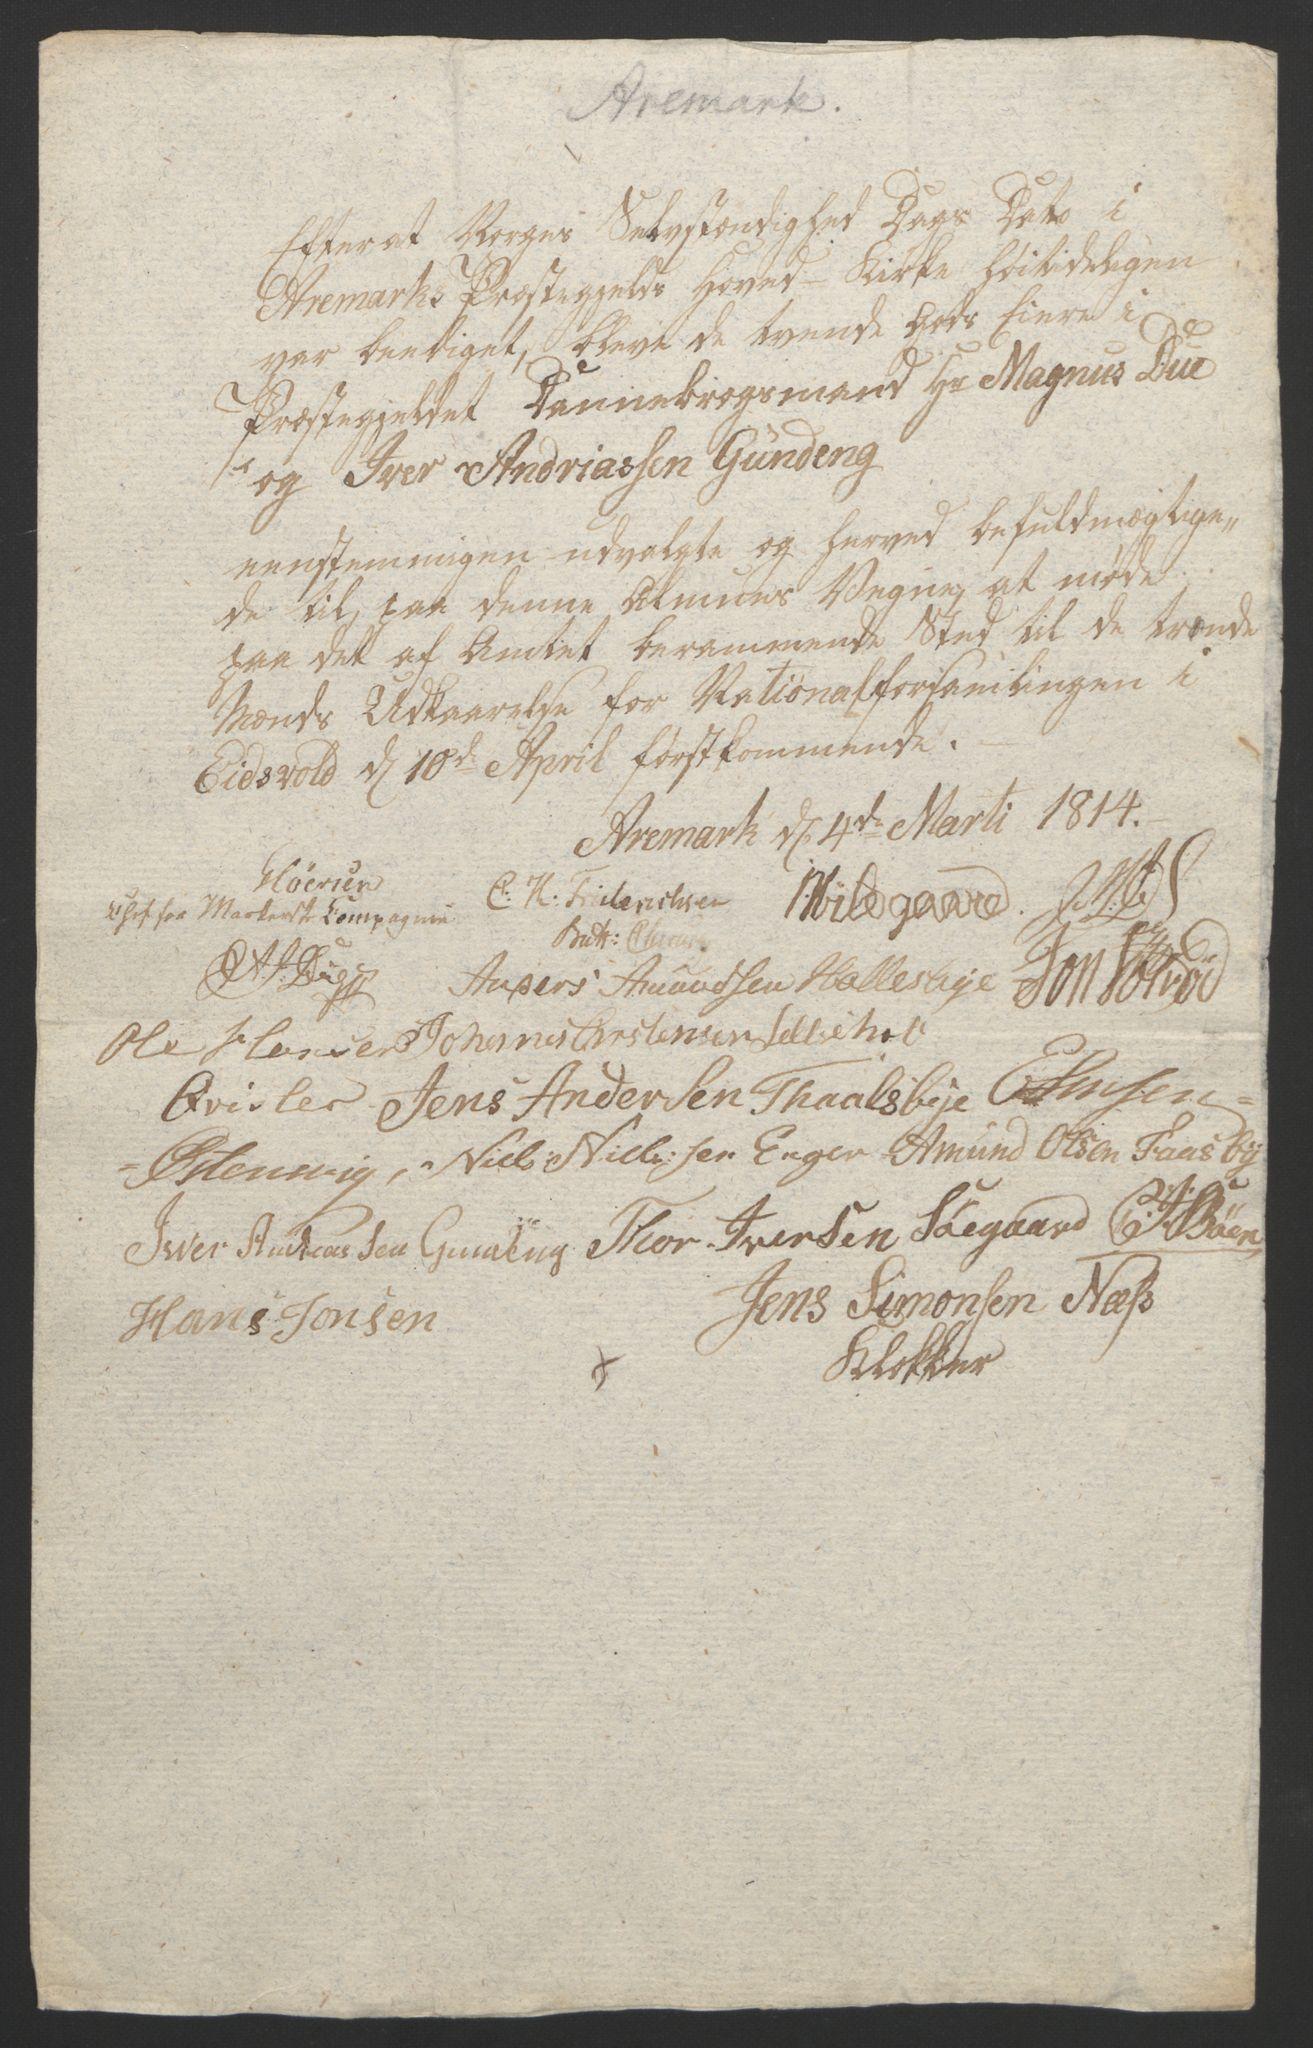 RA, Statsrådssekretariatet, D/Db/L0007: Fullmakter for Eidsvollsrepresentantene i 1814. , 1814, s. 140